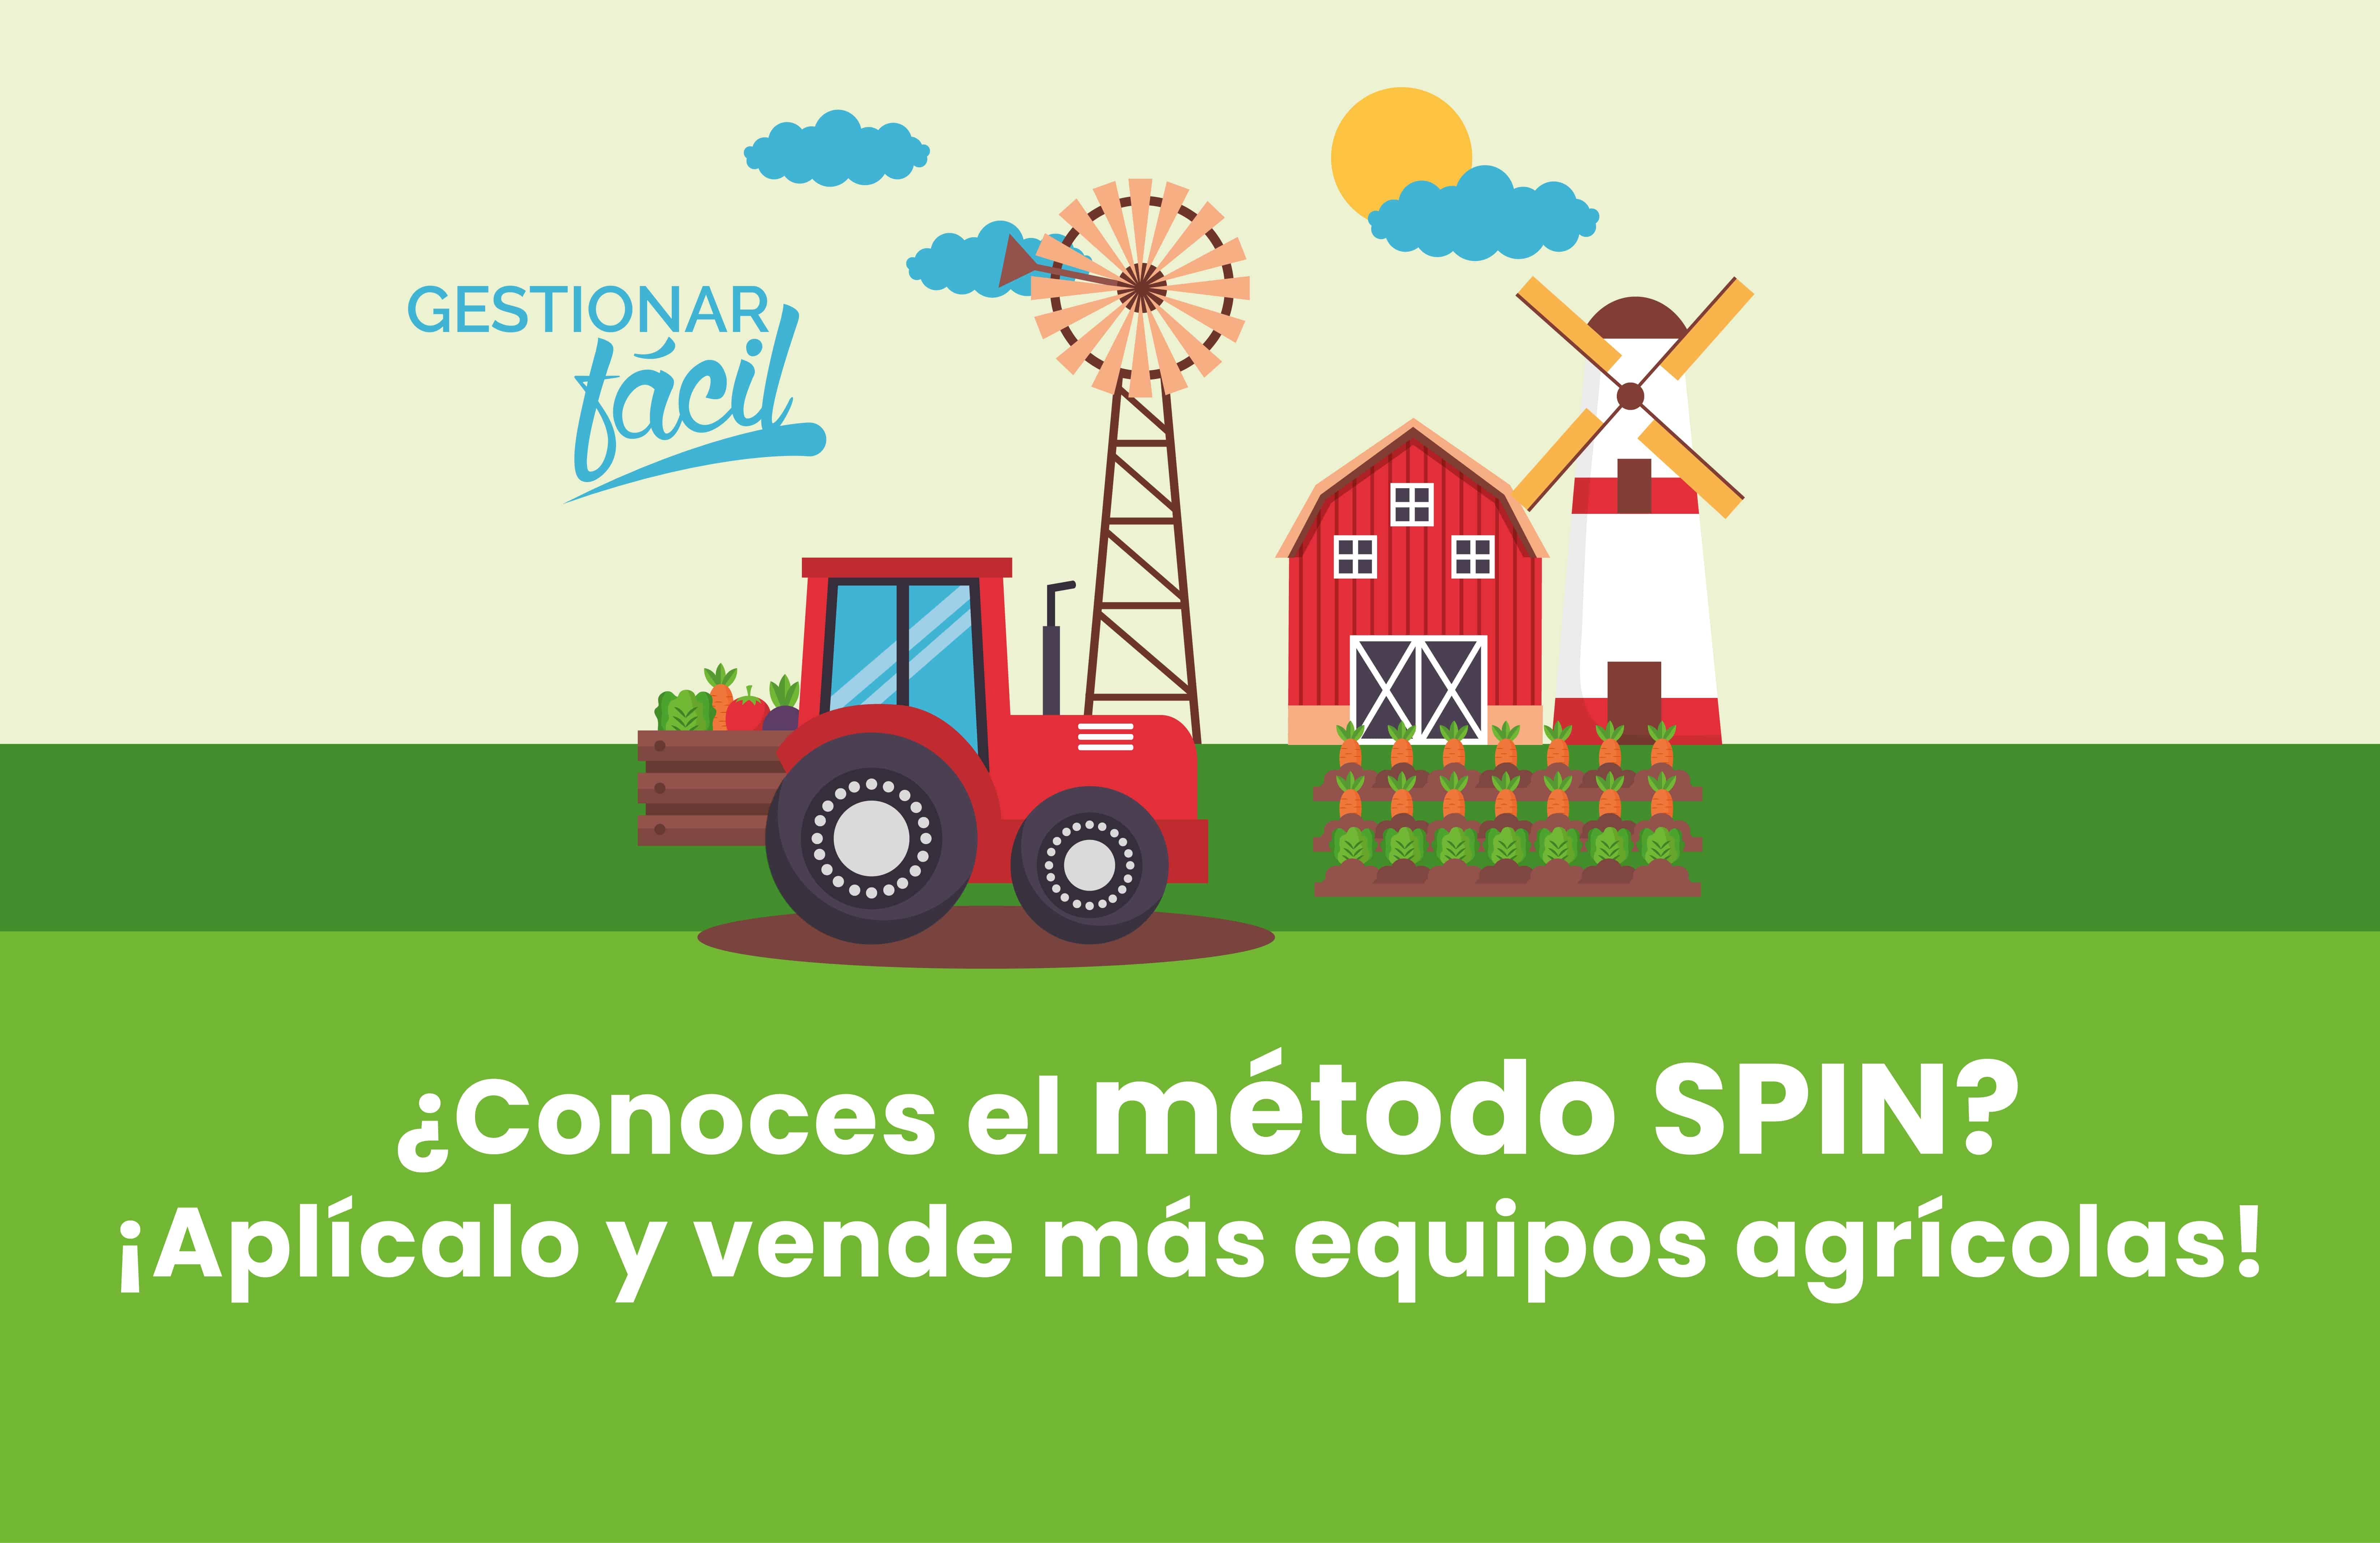 Cómo aplicar el método SPIN para vender equipos agrícolas